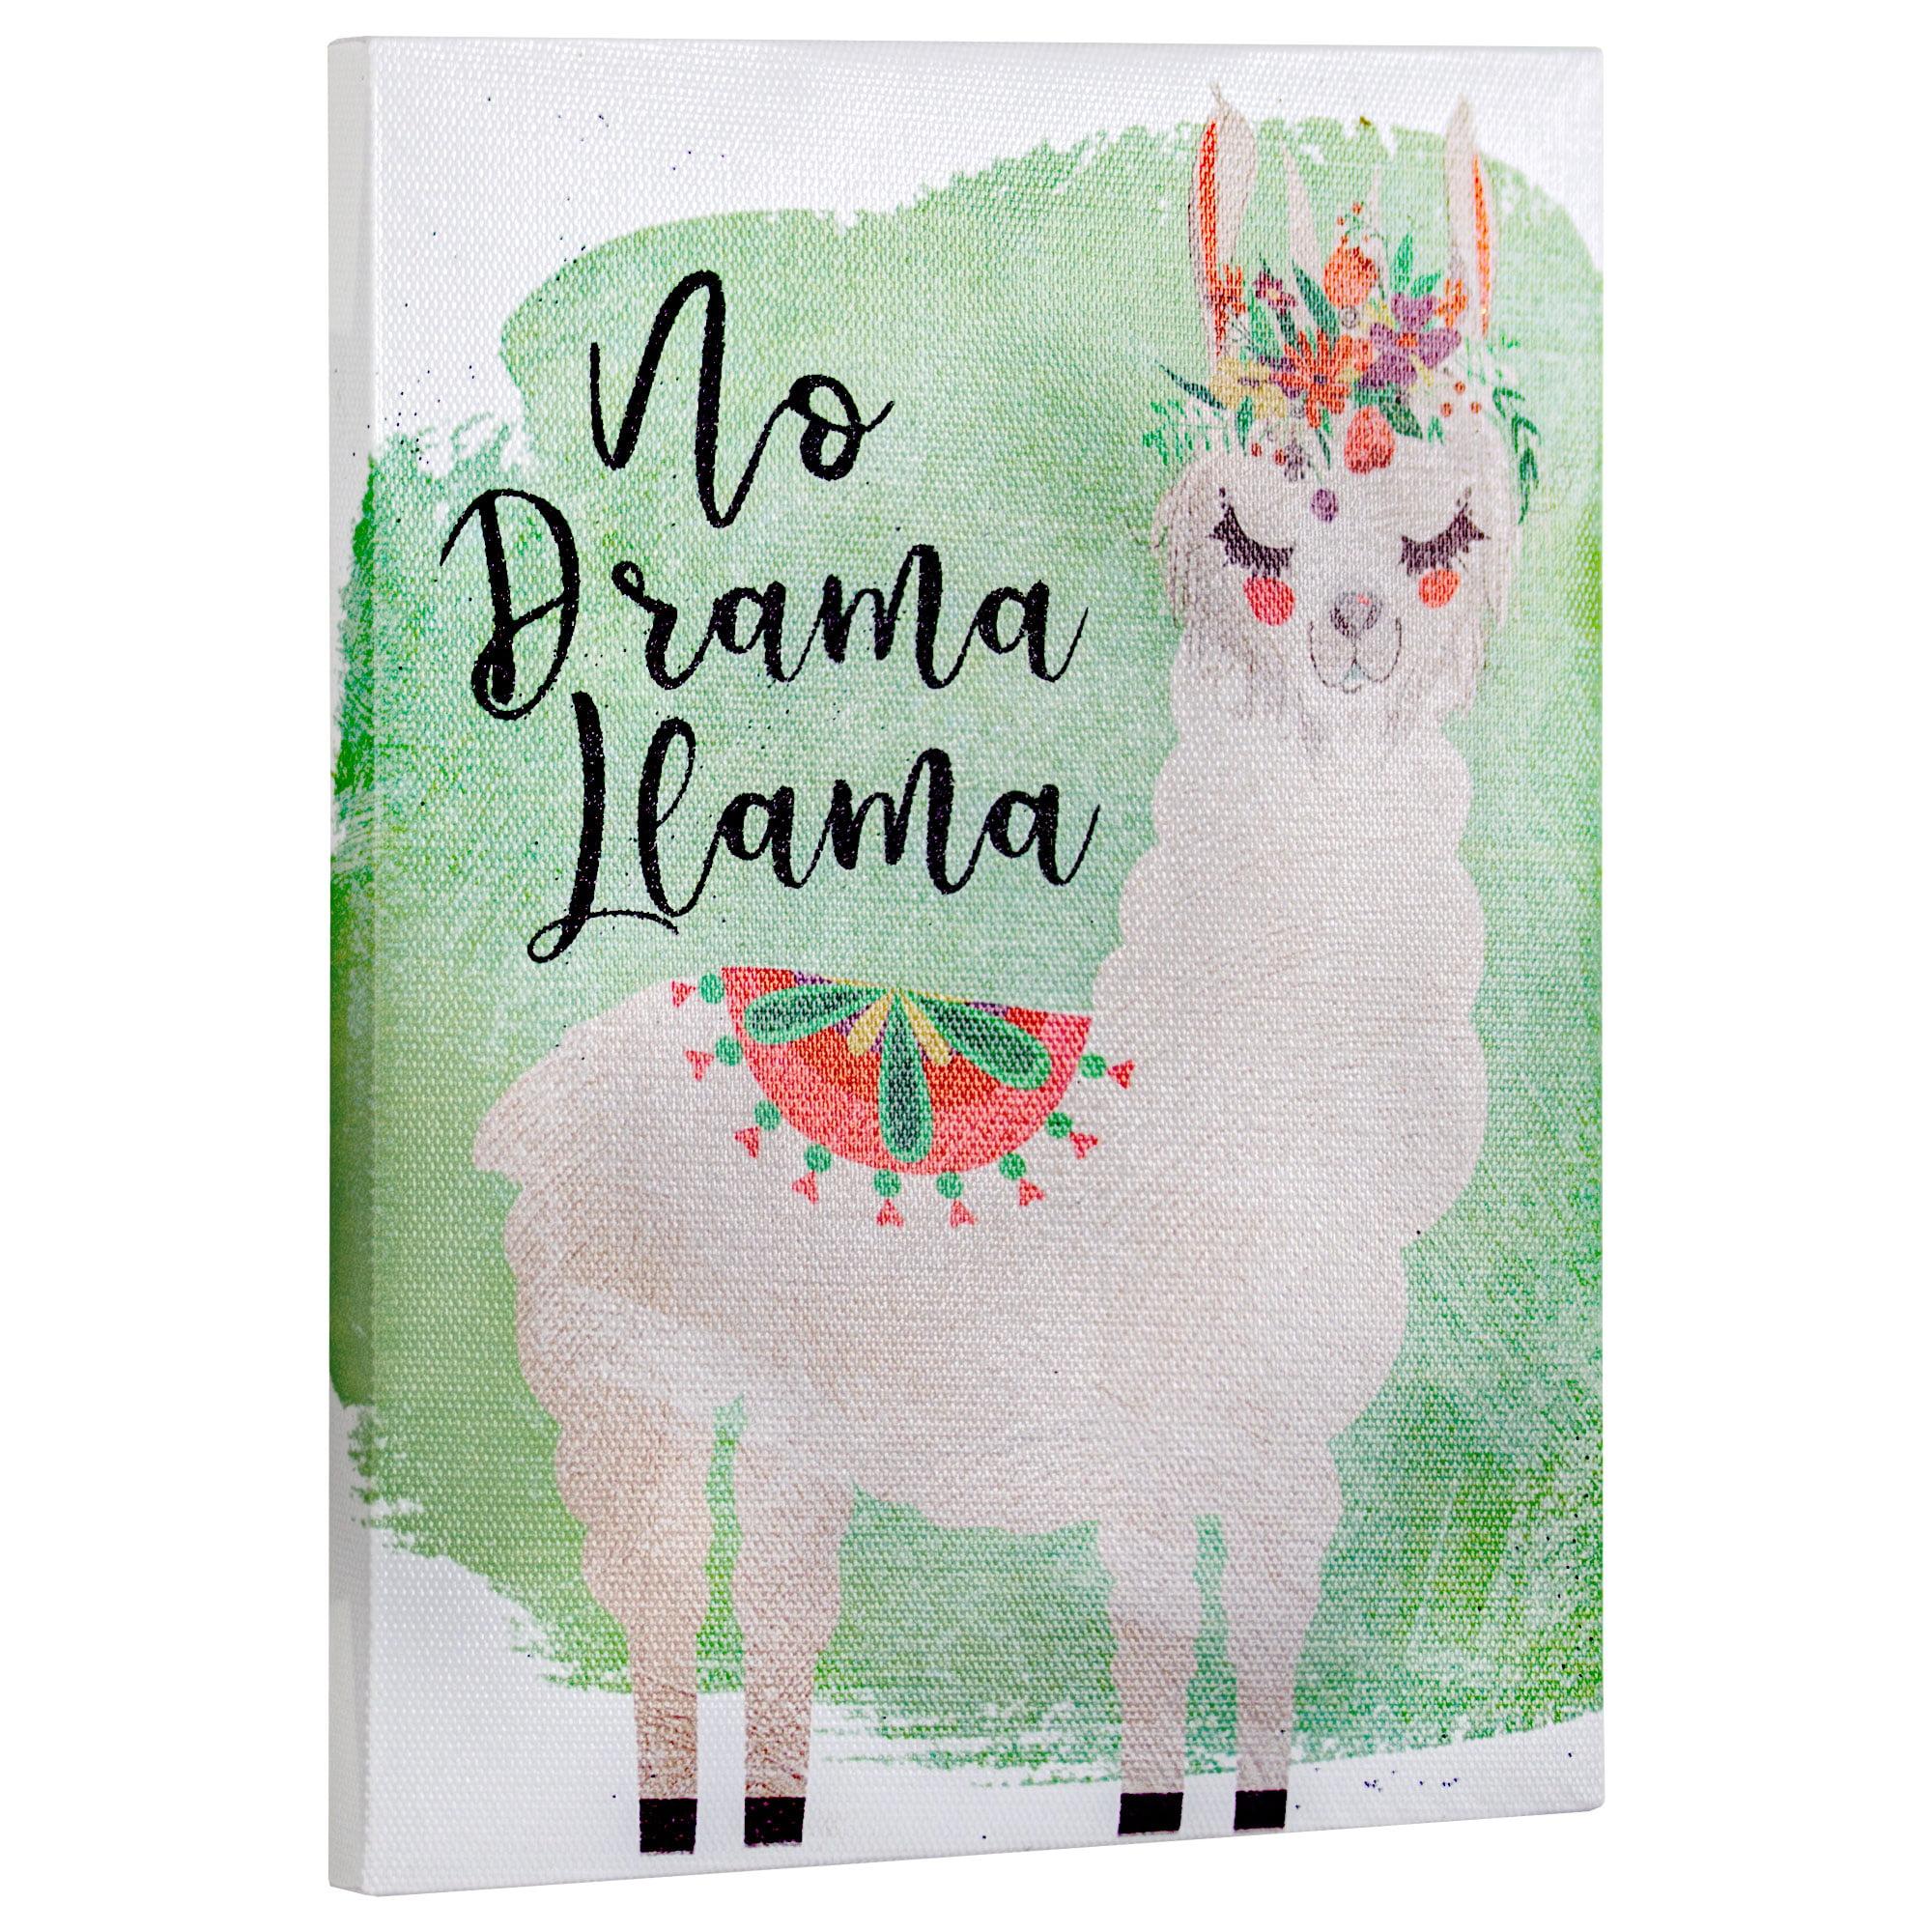 No Drama Llamas!